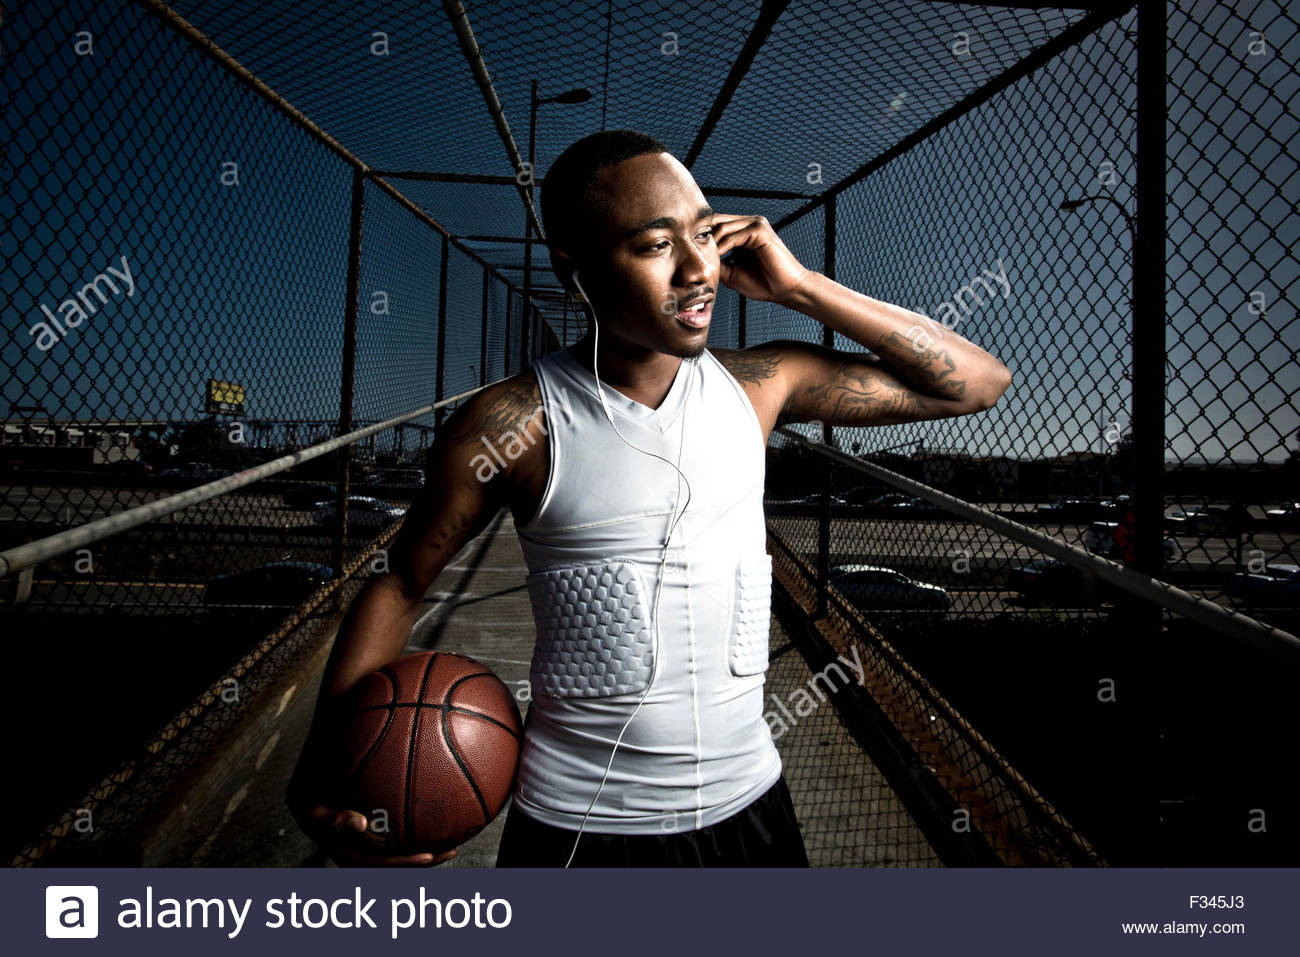 Ein Basketball-Spieler geht auf eine Fußgängerbrücke. Stockbild